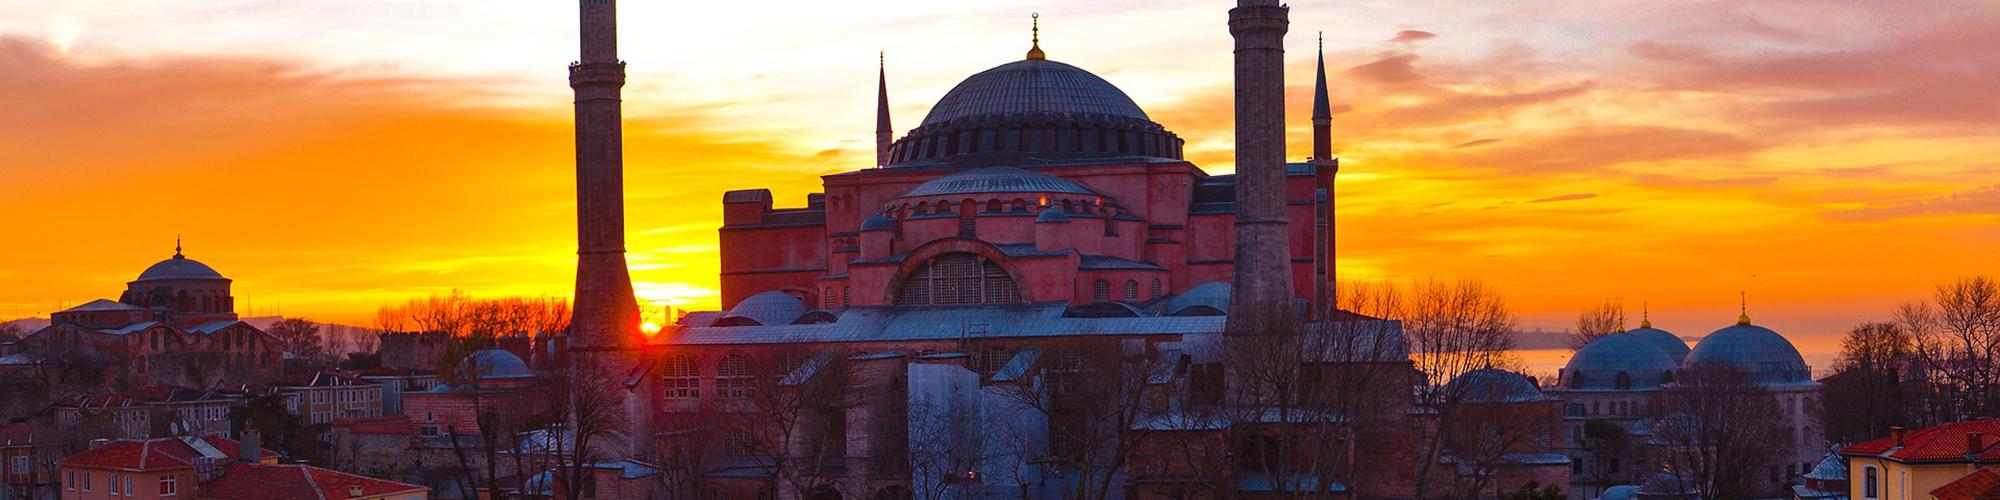 과거와 현재,동서양 섞인 매혹의 도시 이스탄불